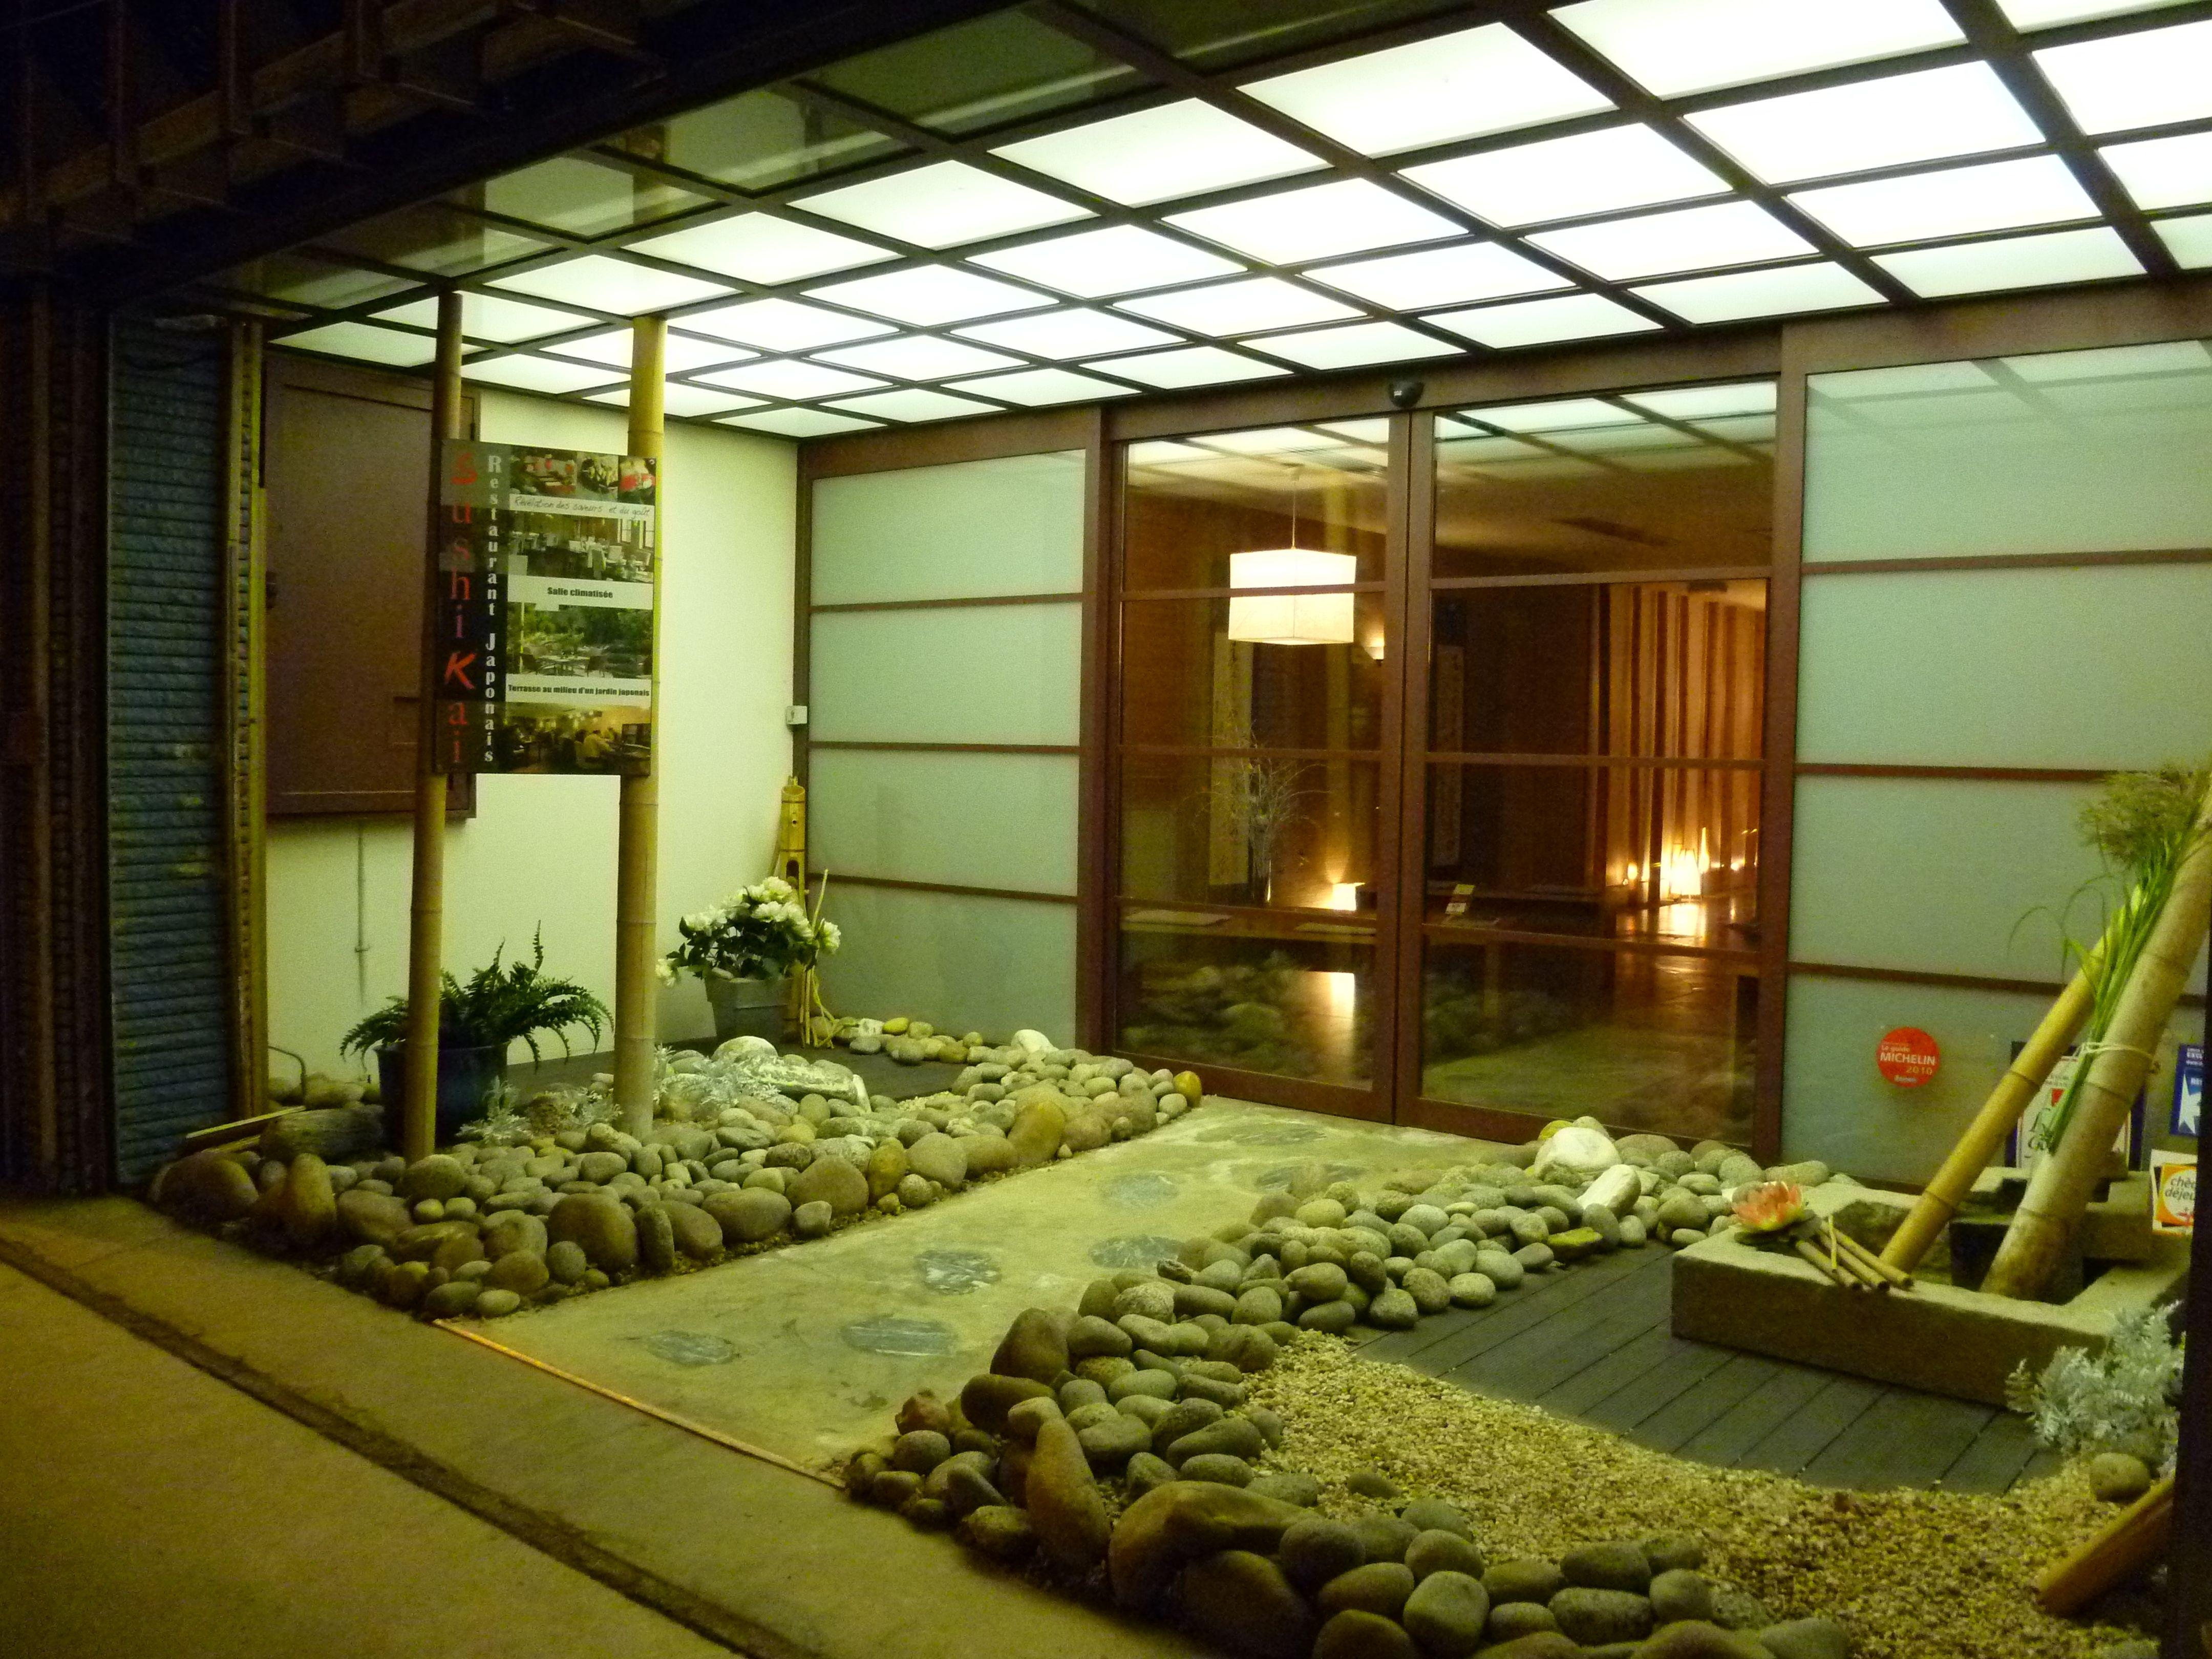 resto japonais tu sais que t 39 es beaune toi la lu totale. Black Bedroom Furniture Sets. Home Design Ideas